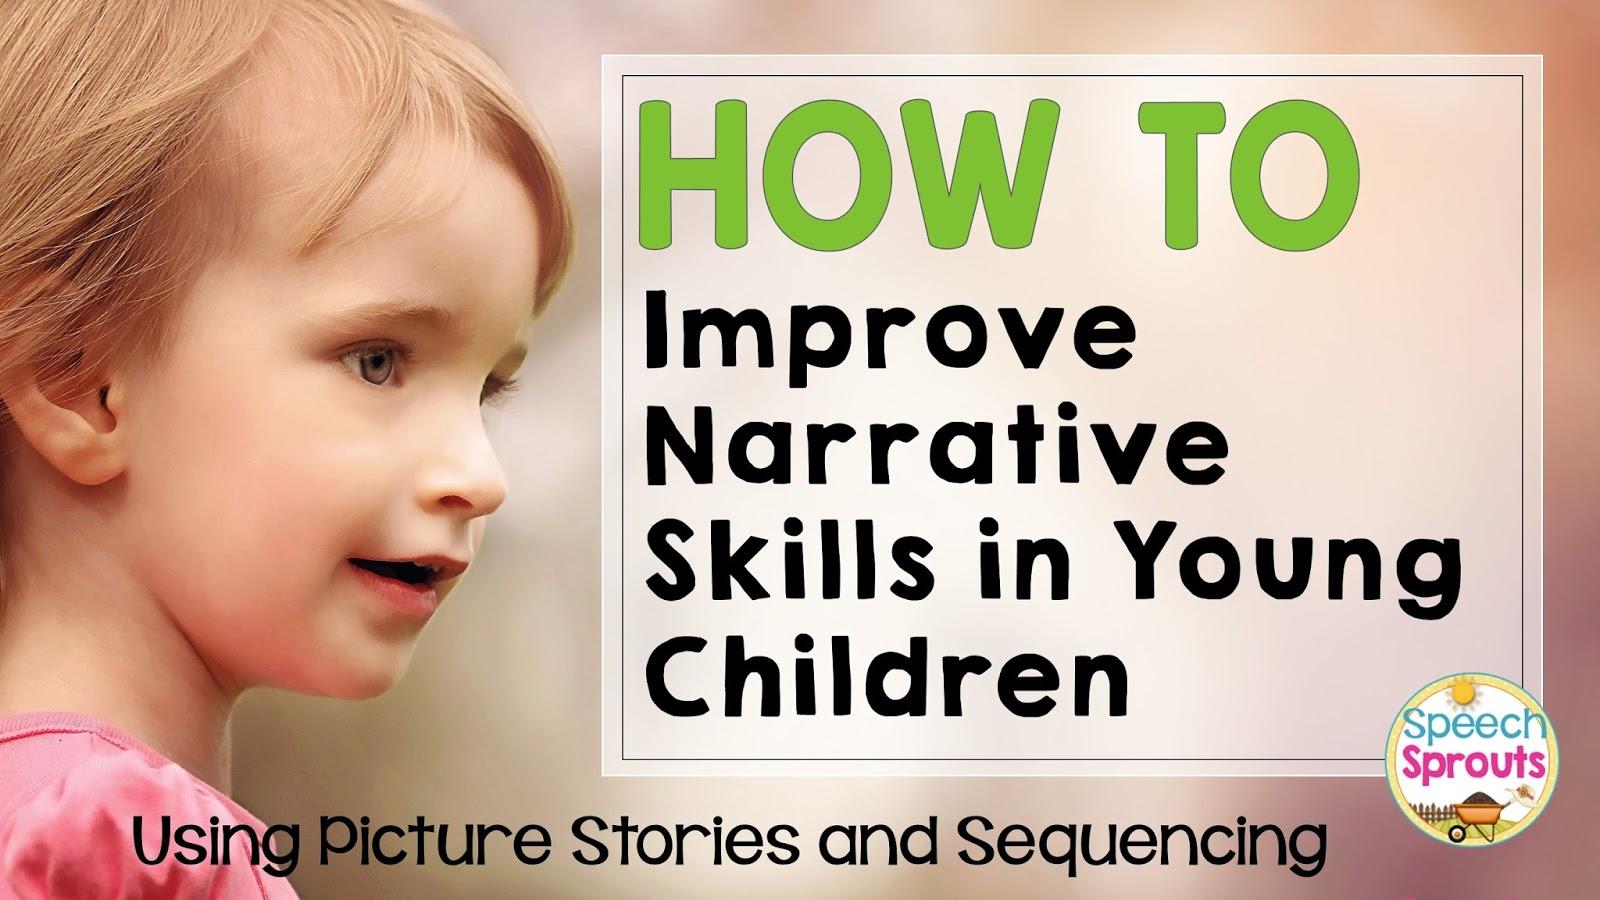 How to write a narrative speech